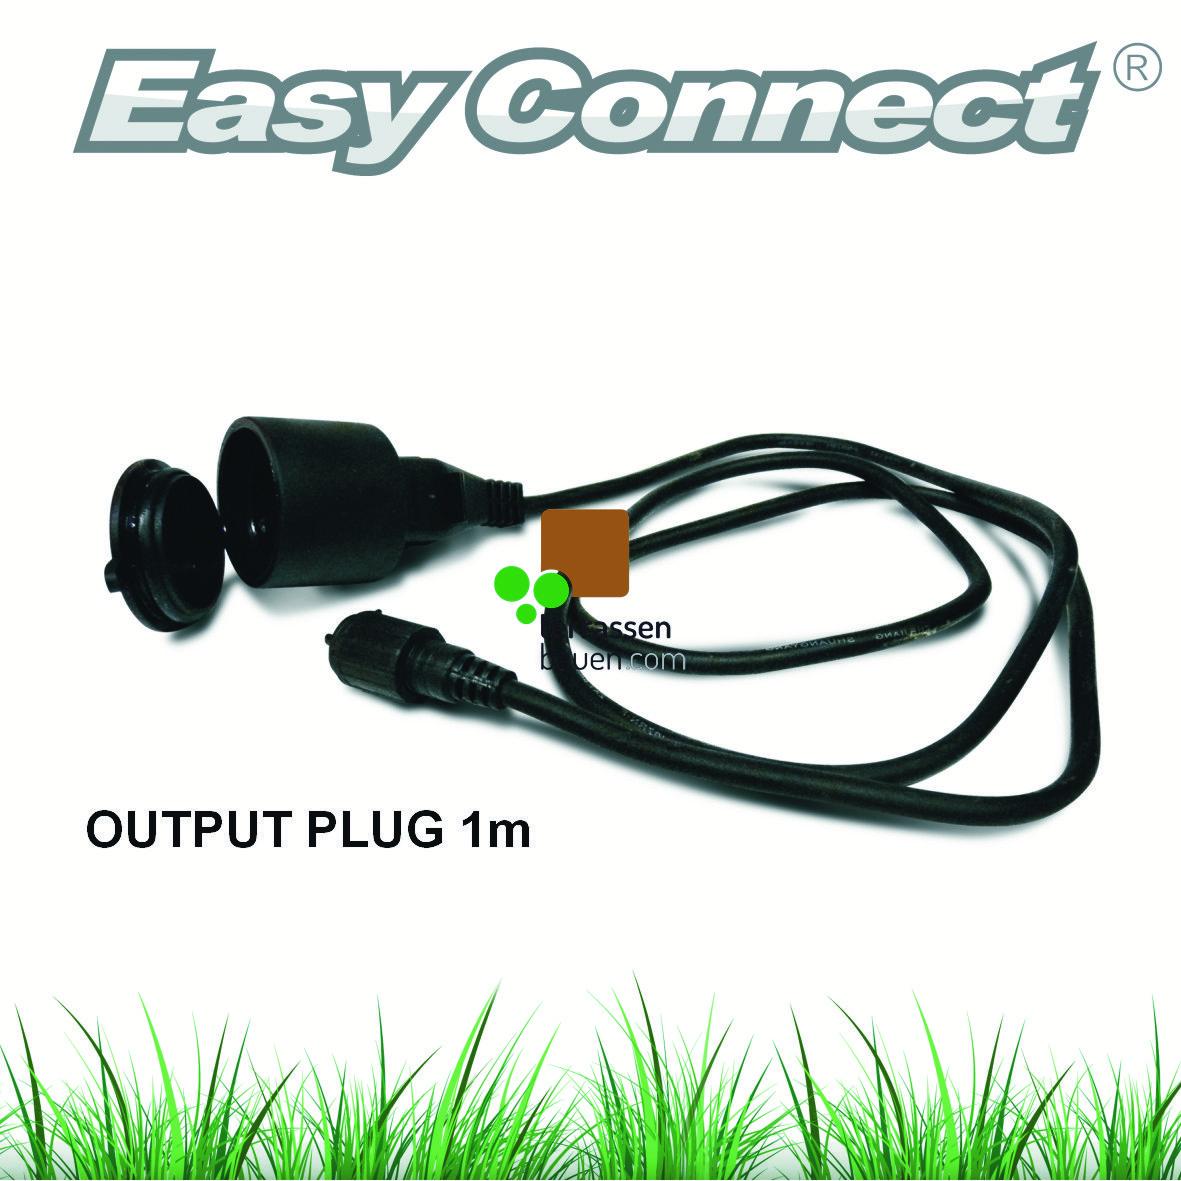 EasyConnect Adapterkabel für den Direktanschluss fremder Geräte, Schuko-Buchse, 1m, 230VAC